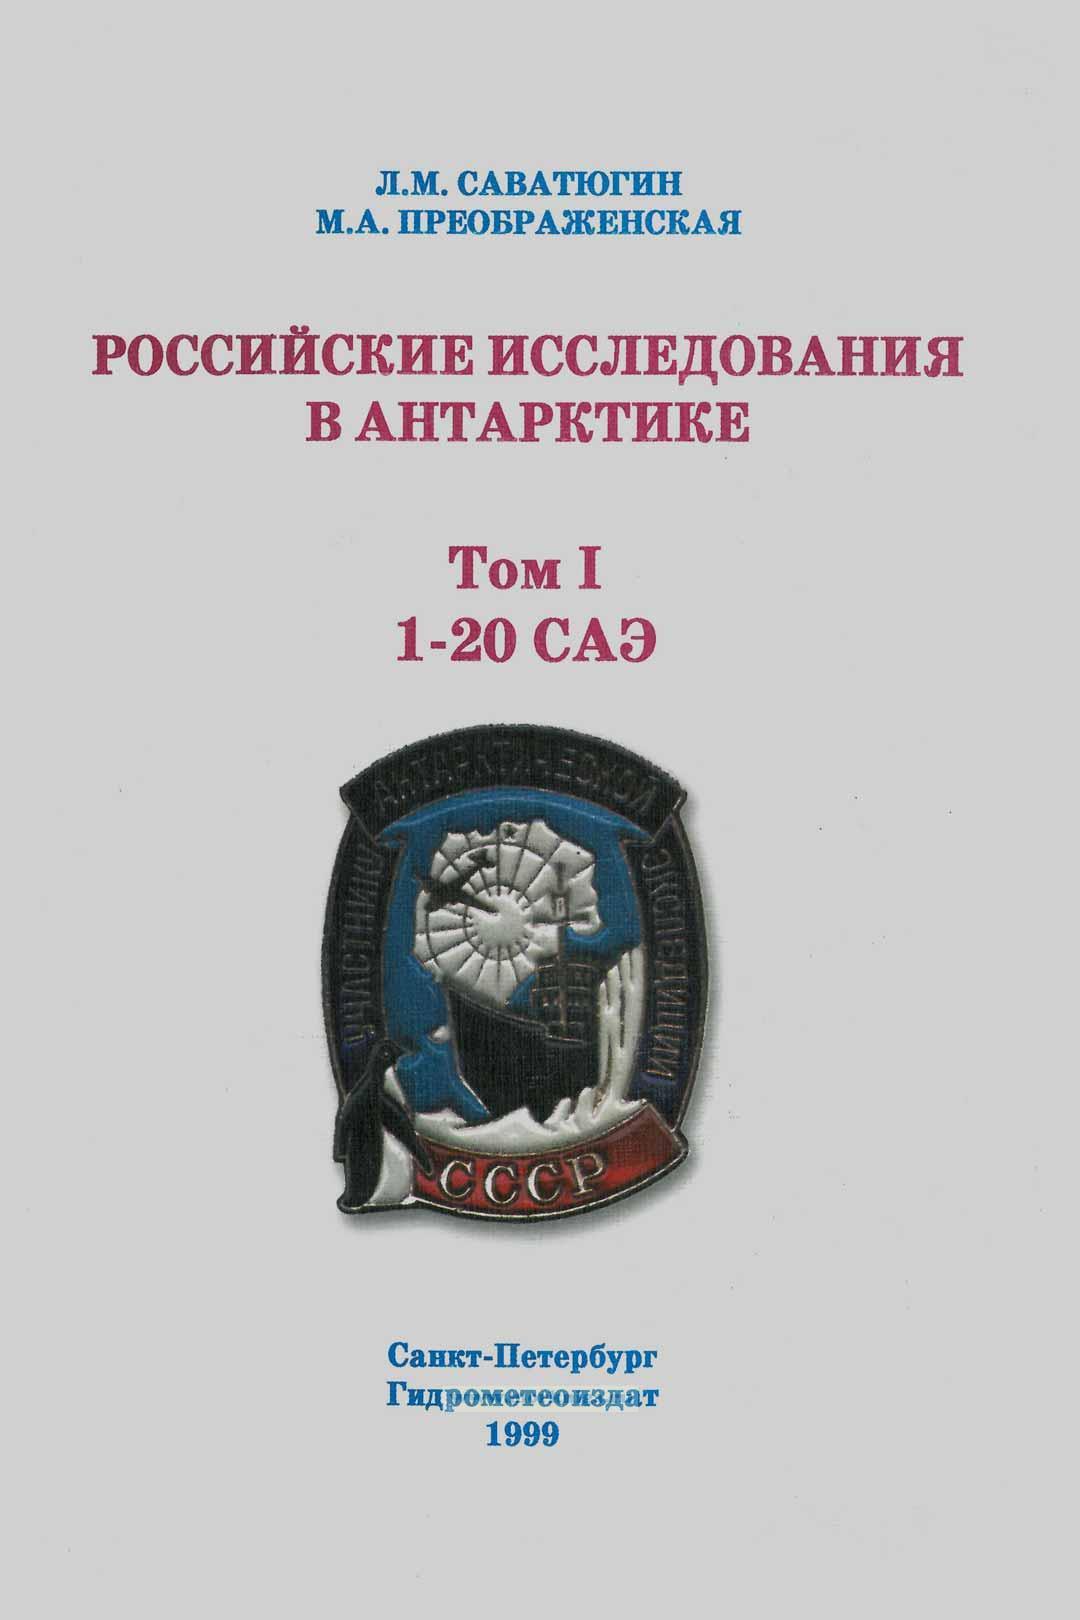 Российские исследования в Антарктике. Том I (1-20 САЭ)